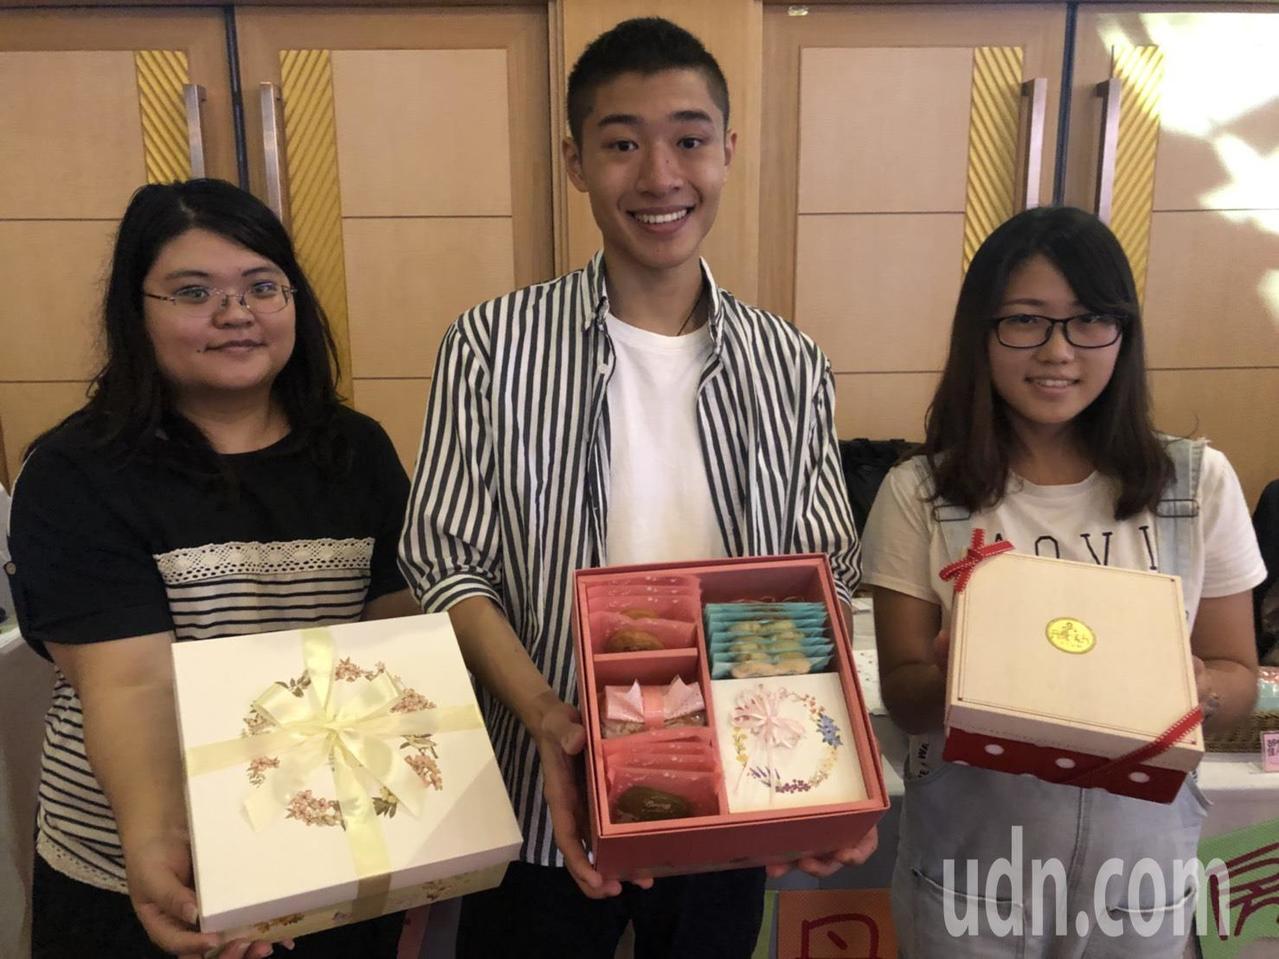 義市「丹露瑪丹」以製作手工餅乾出名,業者郭櫻鈺說,近年來食安議題受到矚目,手工餅...